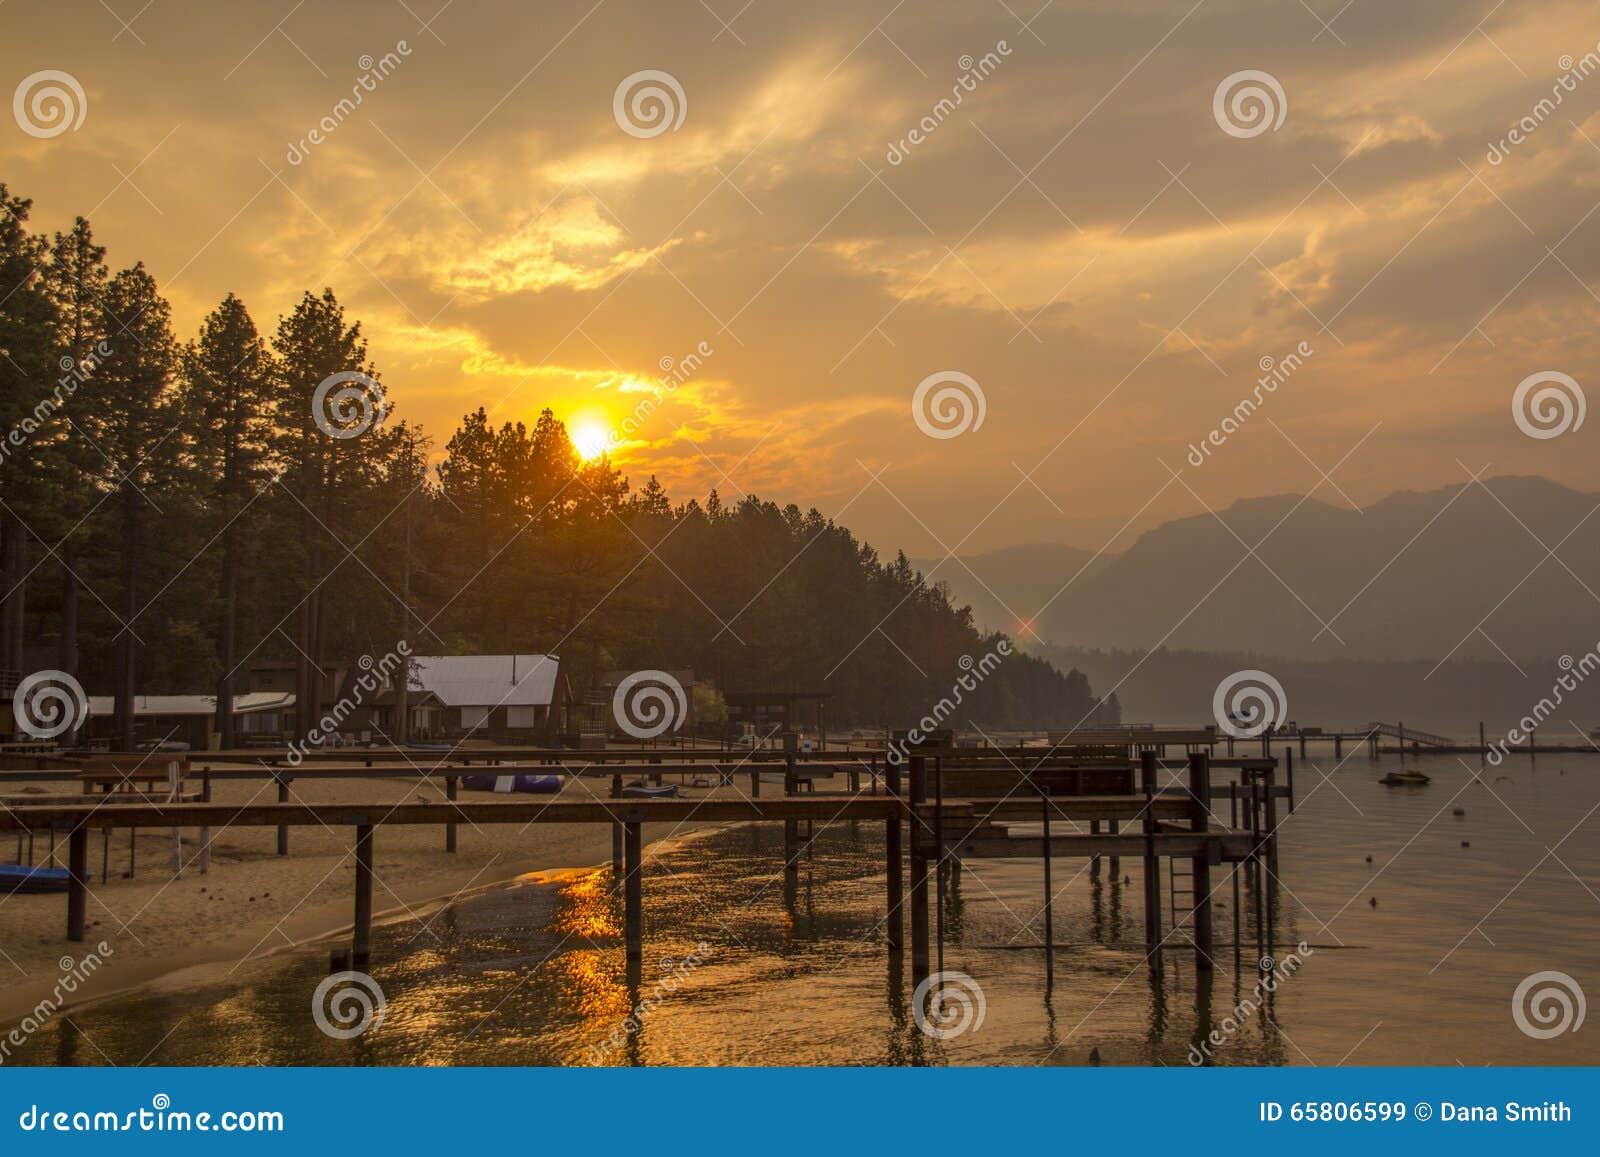 太浩湖日落